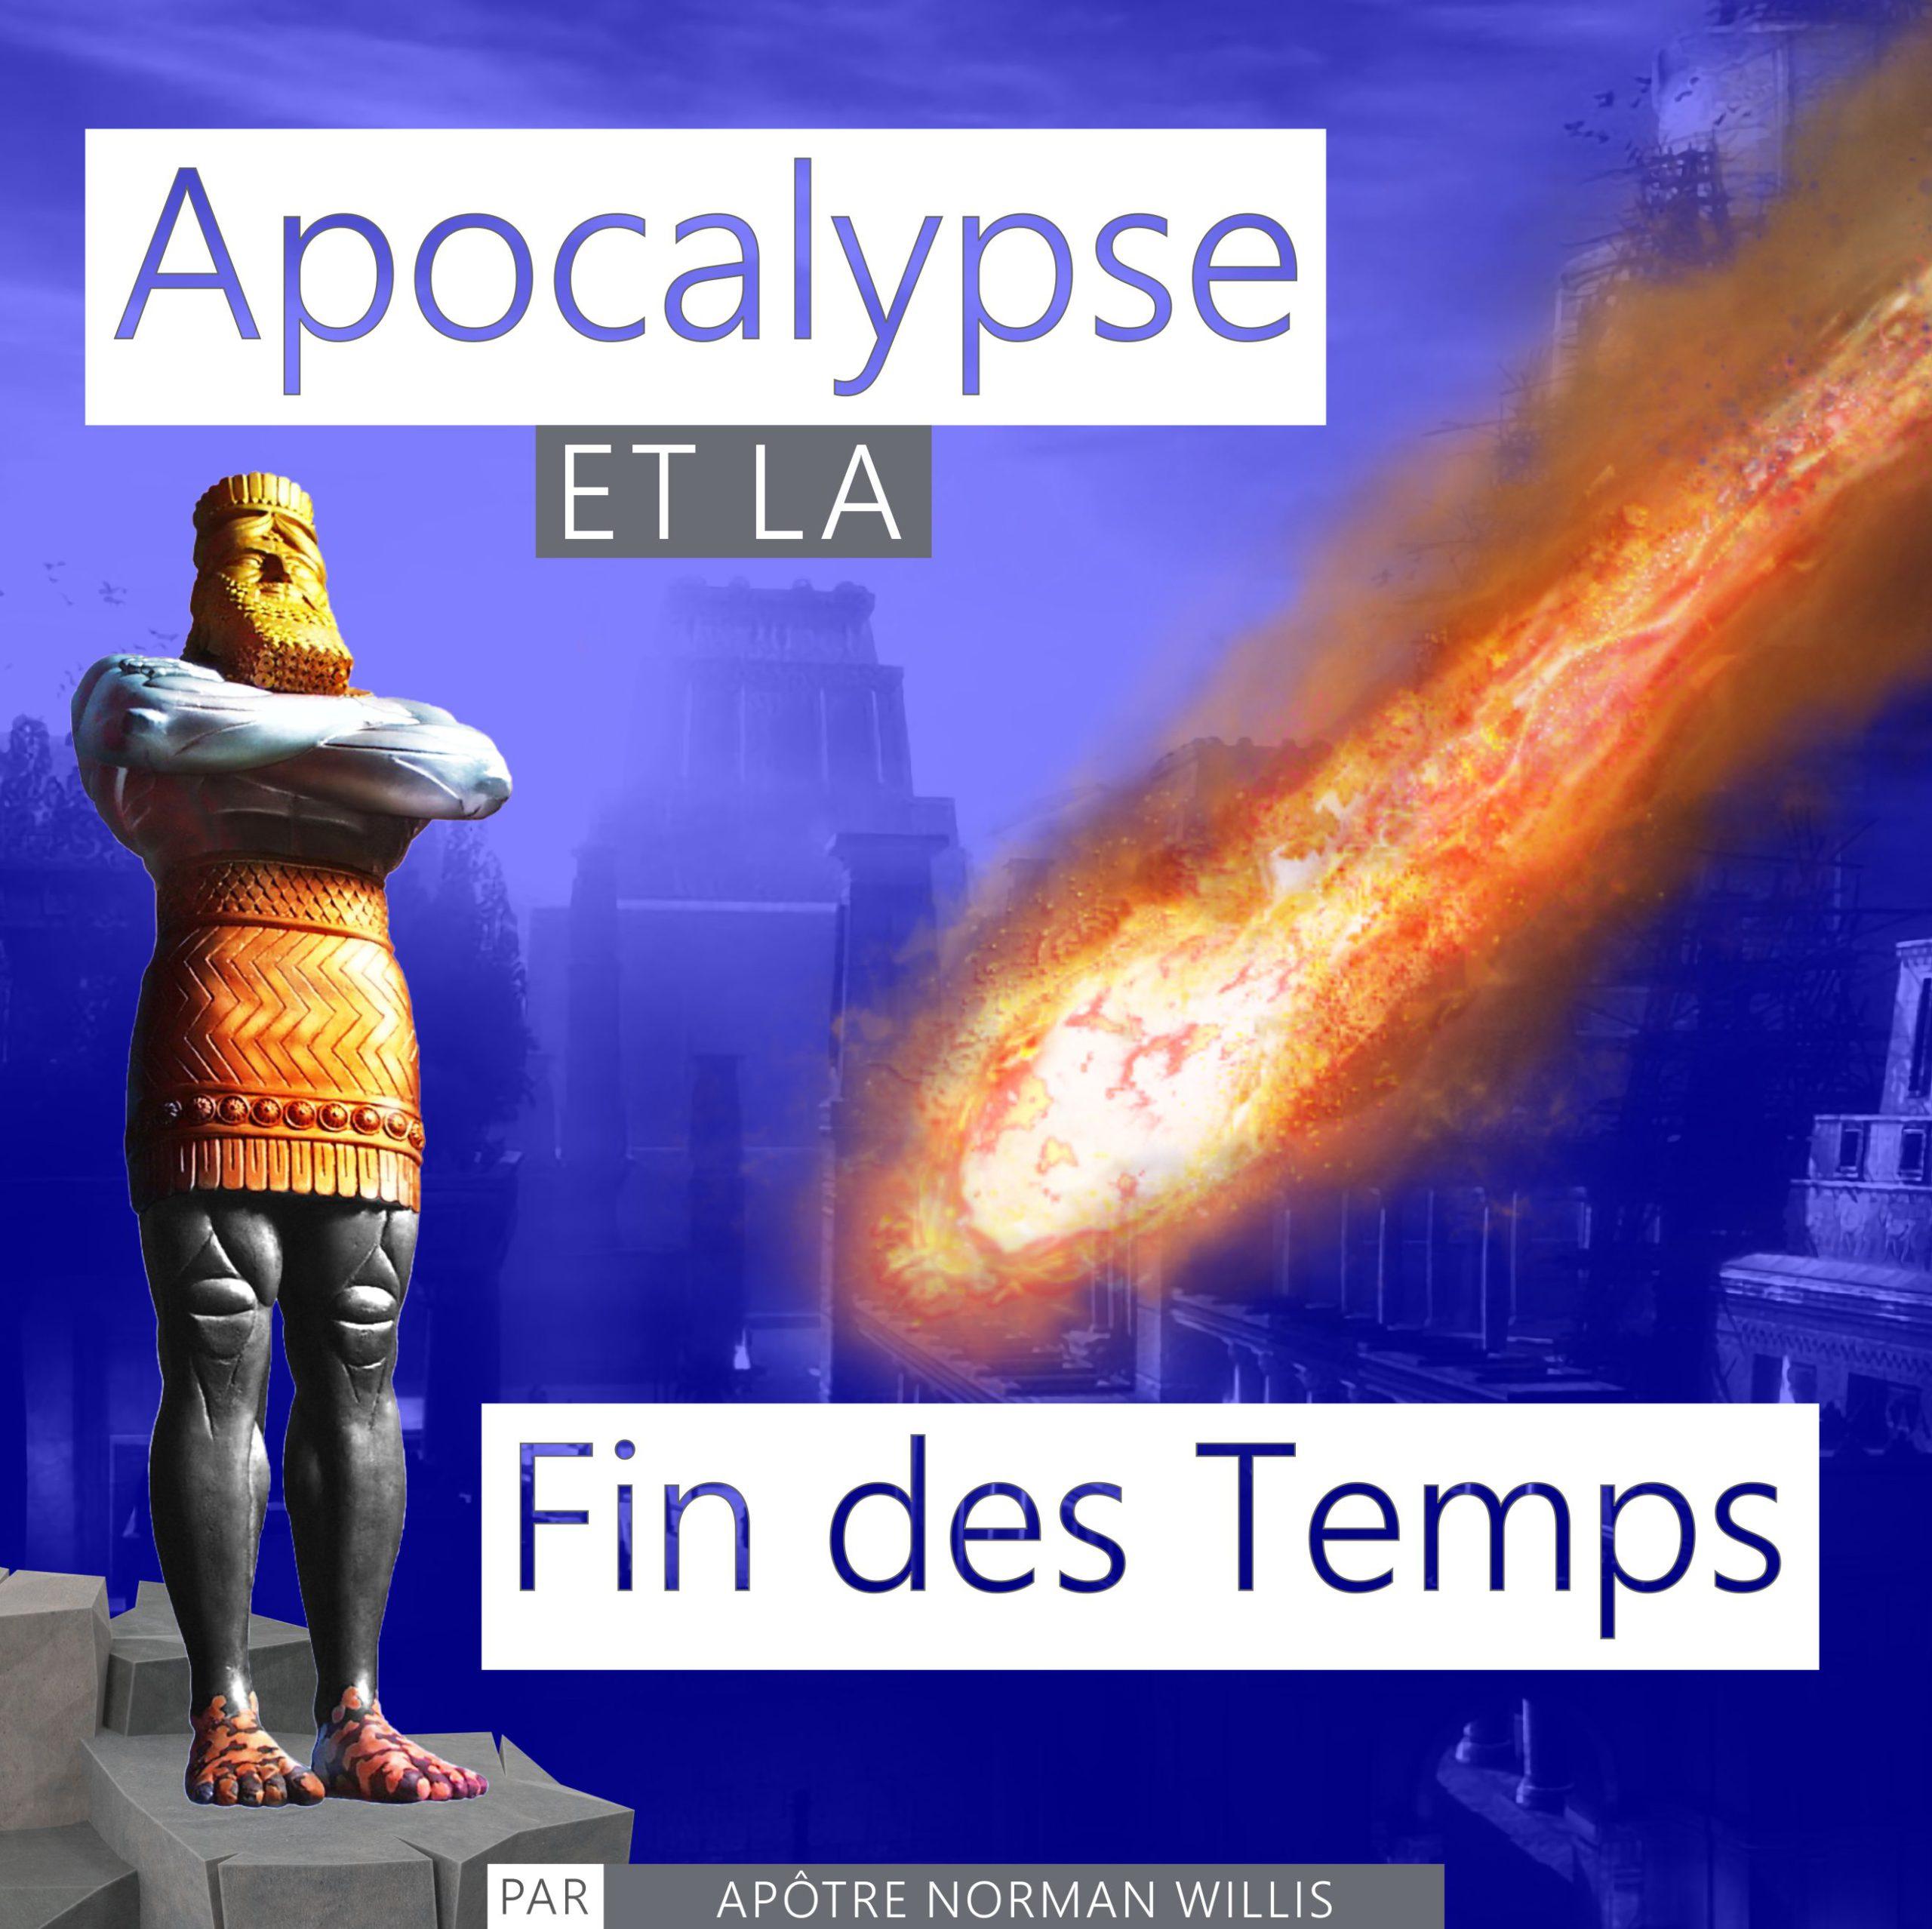 Apocalypse et la Fin des Temps